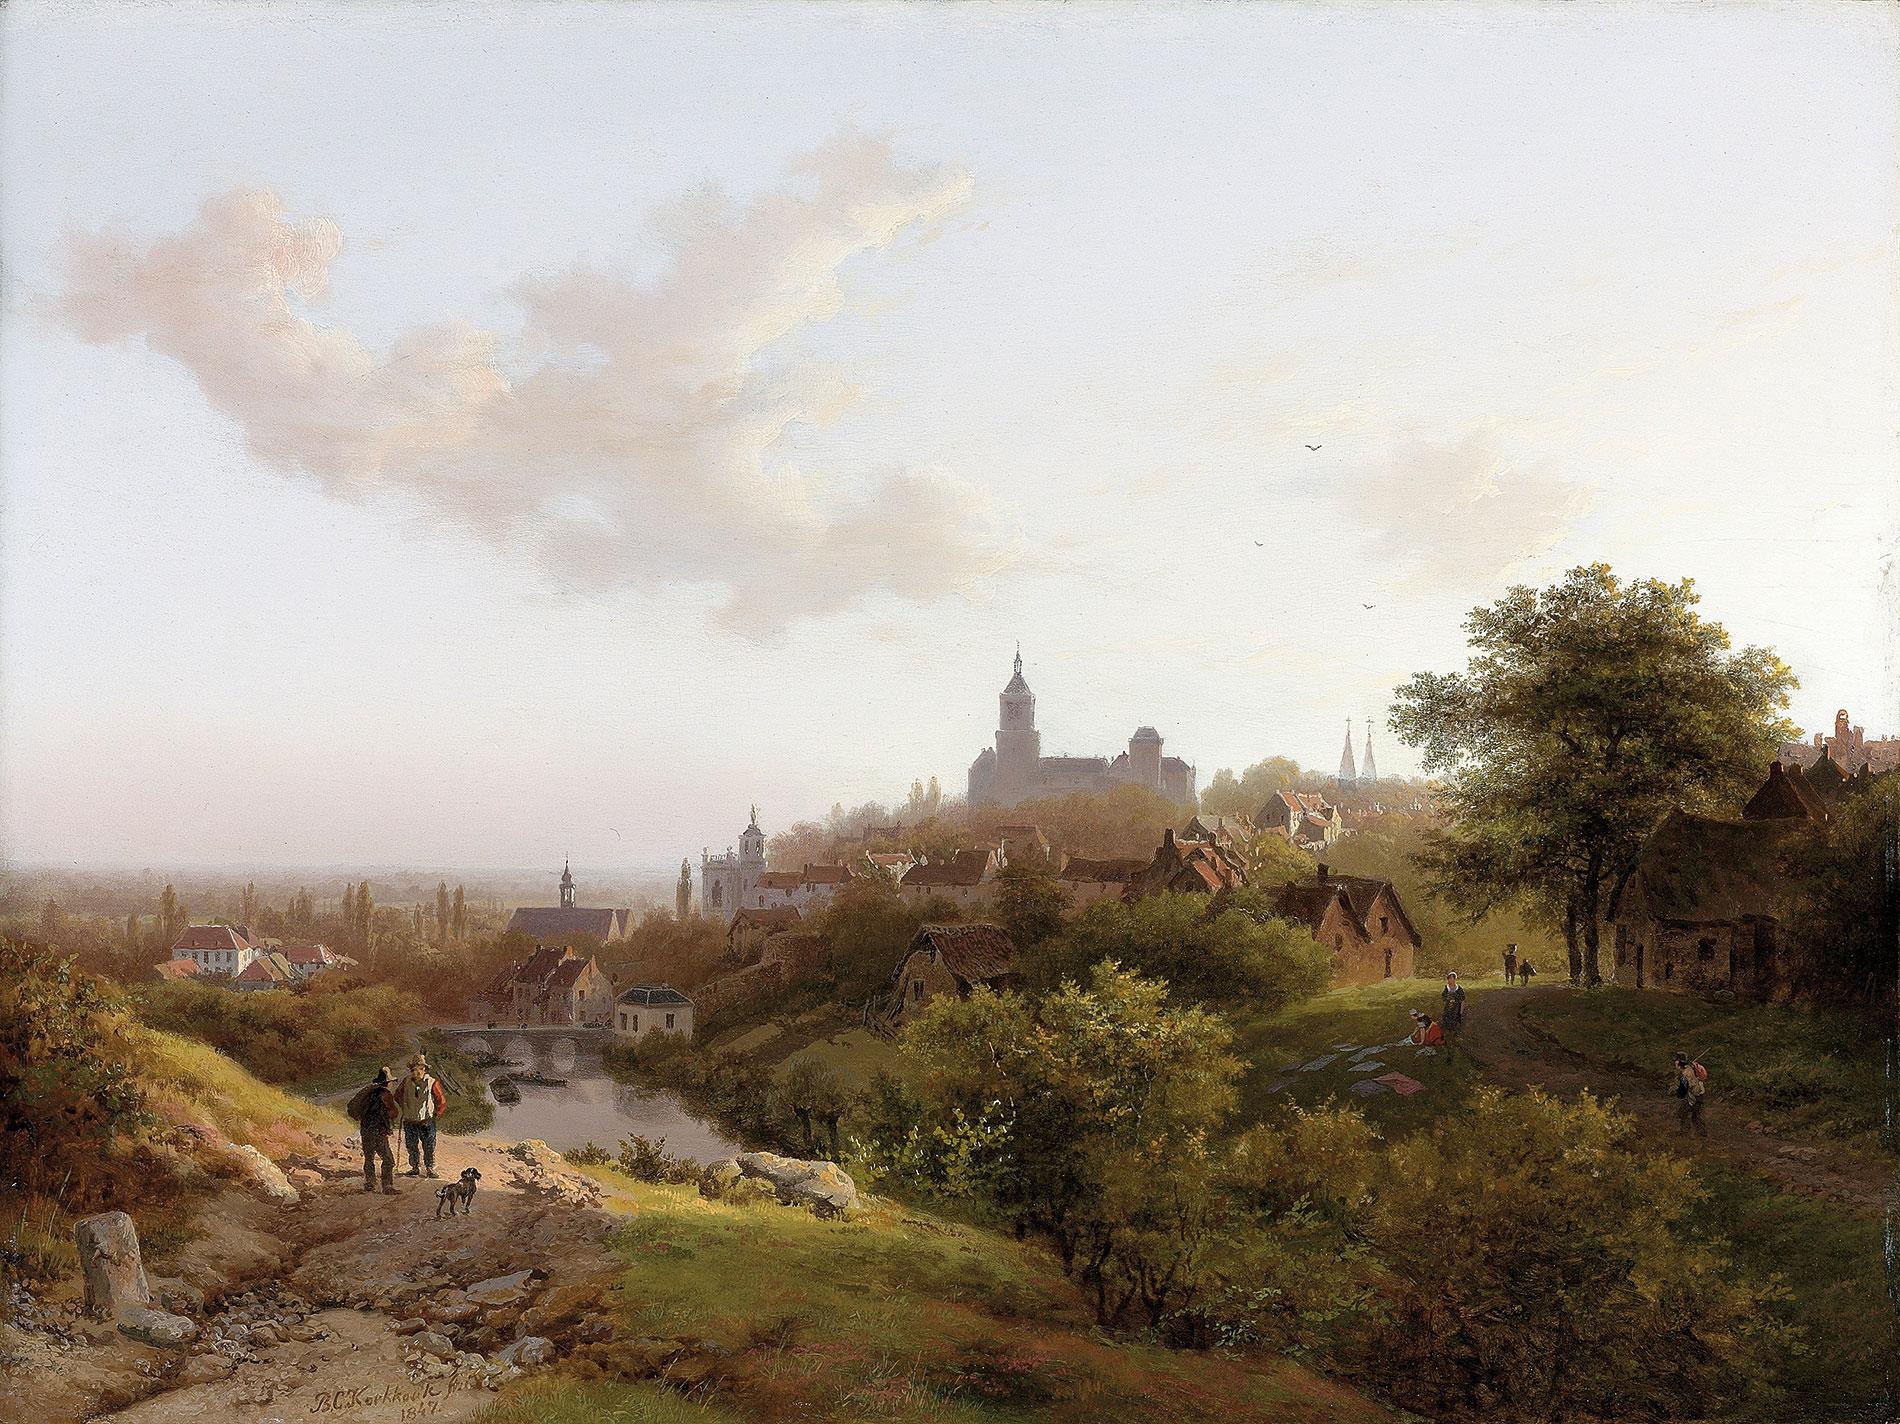 Barend Cornelis Koekkoek, Souvenir de Clèves, 1847, 30,4×40,6 cm; B.C. Koekkoek-Haus, Kleve